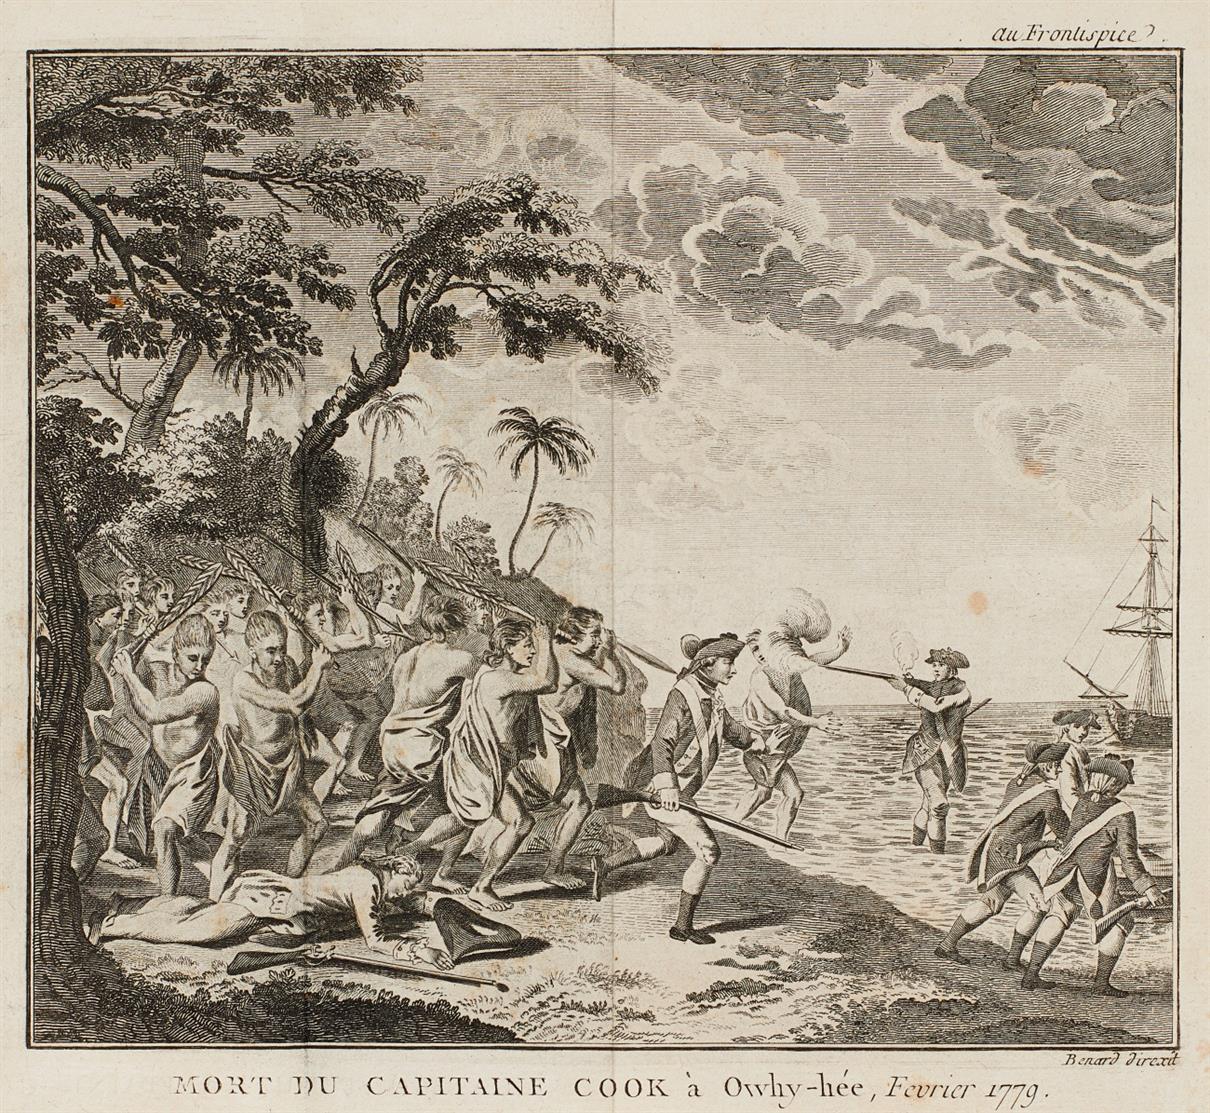 J. Rickman, Troisième voyage de Cook. 3. Aufl. Versailles u. Paris 1783.